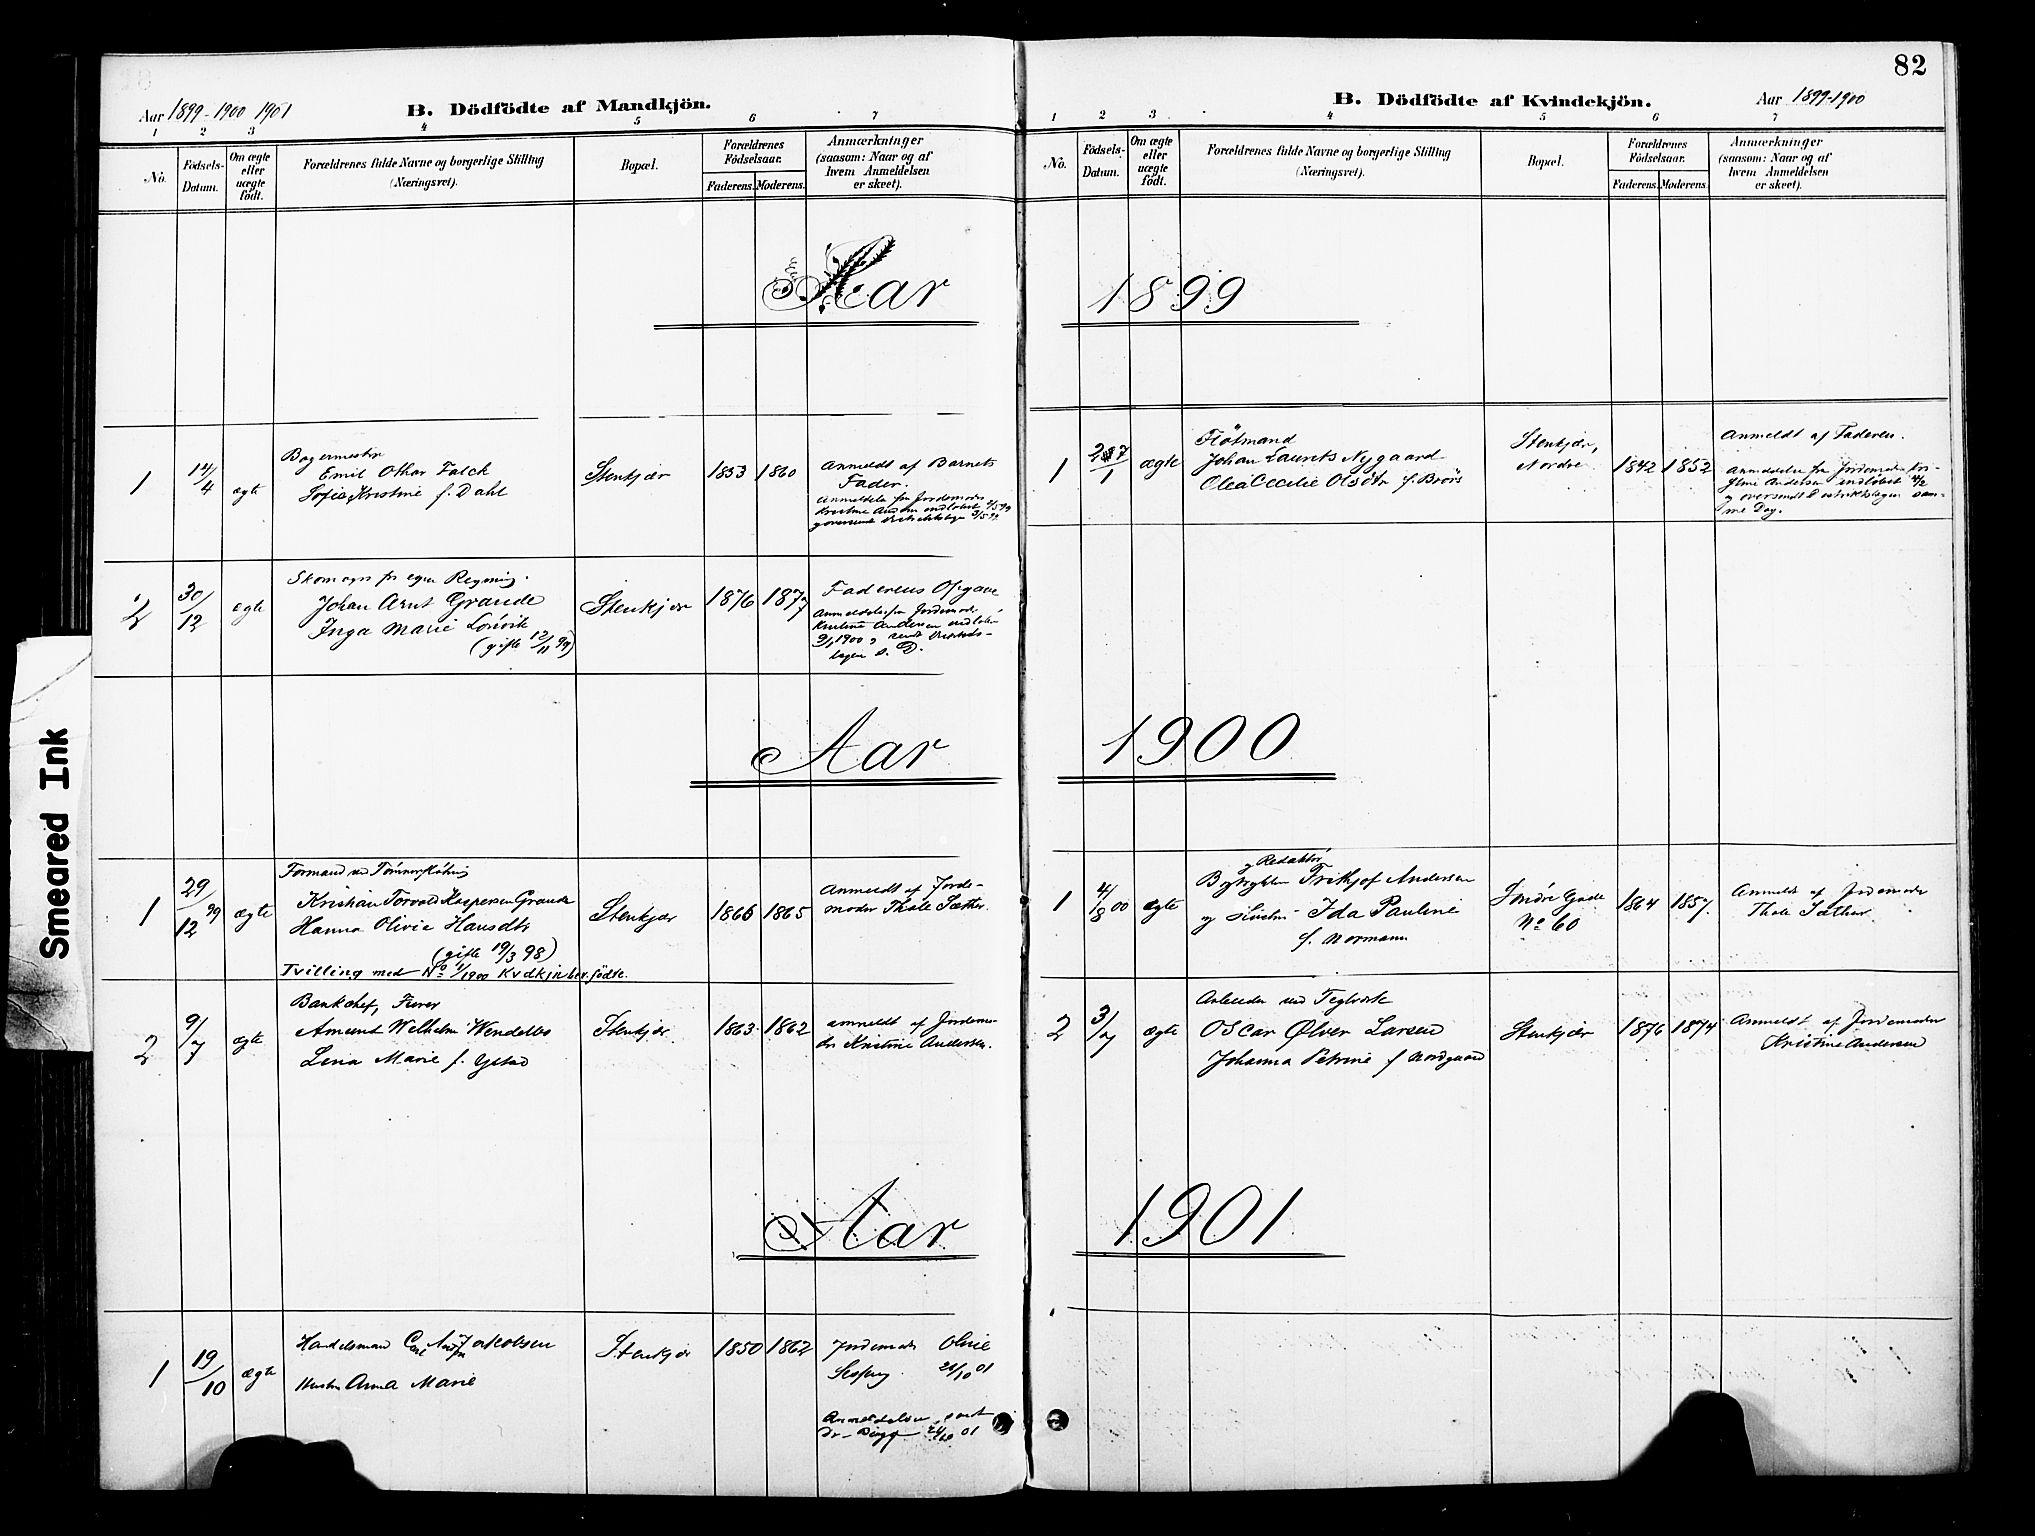 SAT, Ministerialprotokoller, klokkerbøker og fødselsregistre - Nord-Trøndelag, 739/L0372: Ministerialbok nr. 739A04, 1895-1903, s. 82